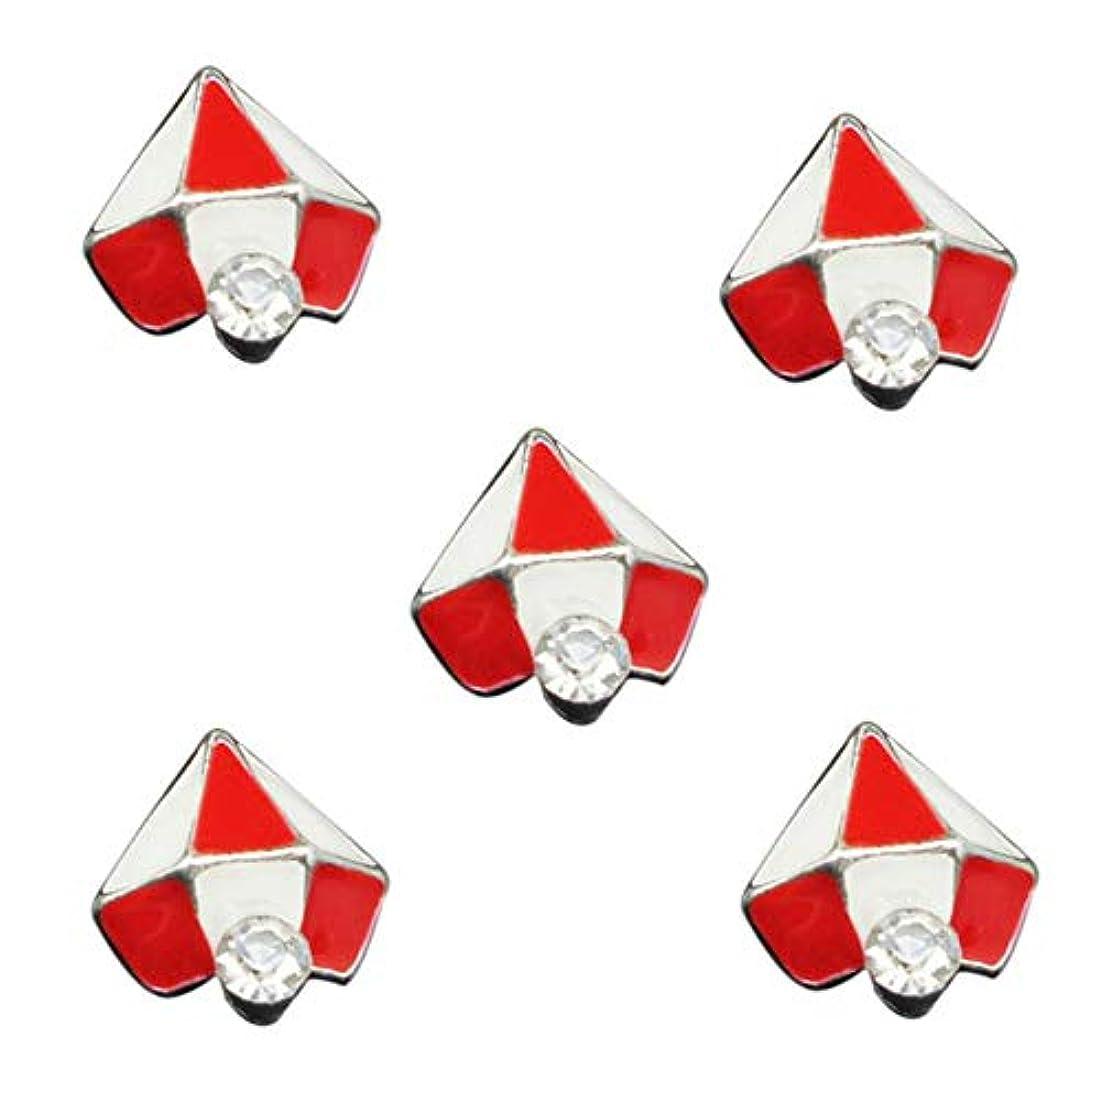 勧告悪化するガム10PCSの3Dグリッタージュエリーレッドダイヤモンドデザインネイルアートジェルステッカーの接着剤のラインストーンネイルマニキュアスタイリングツールのために